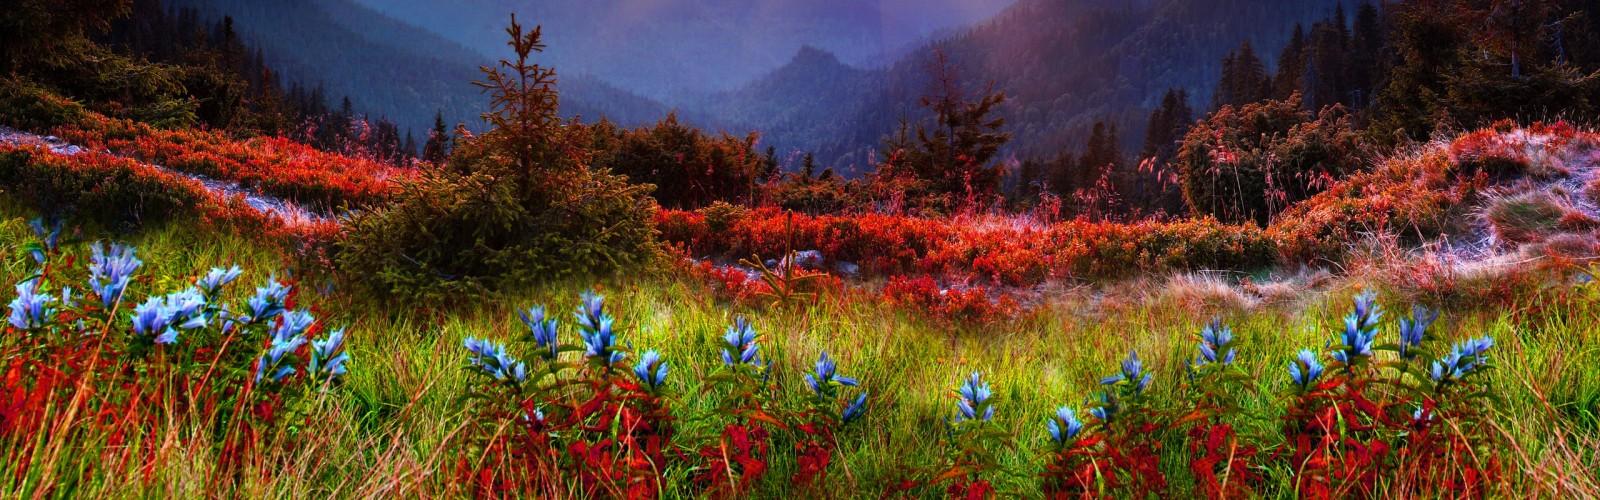 nature_3_1280x400